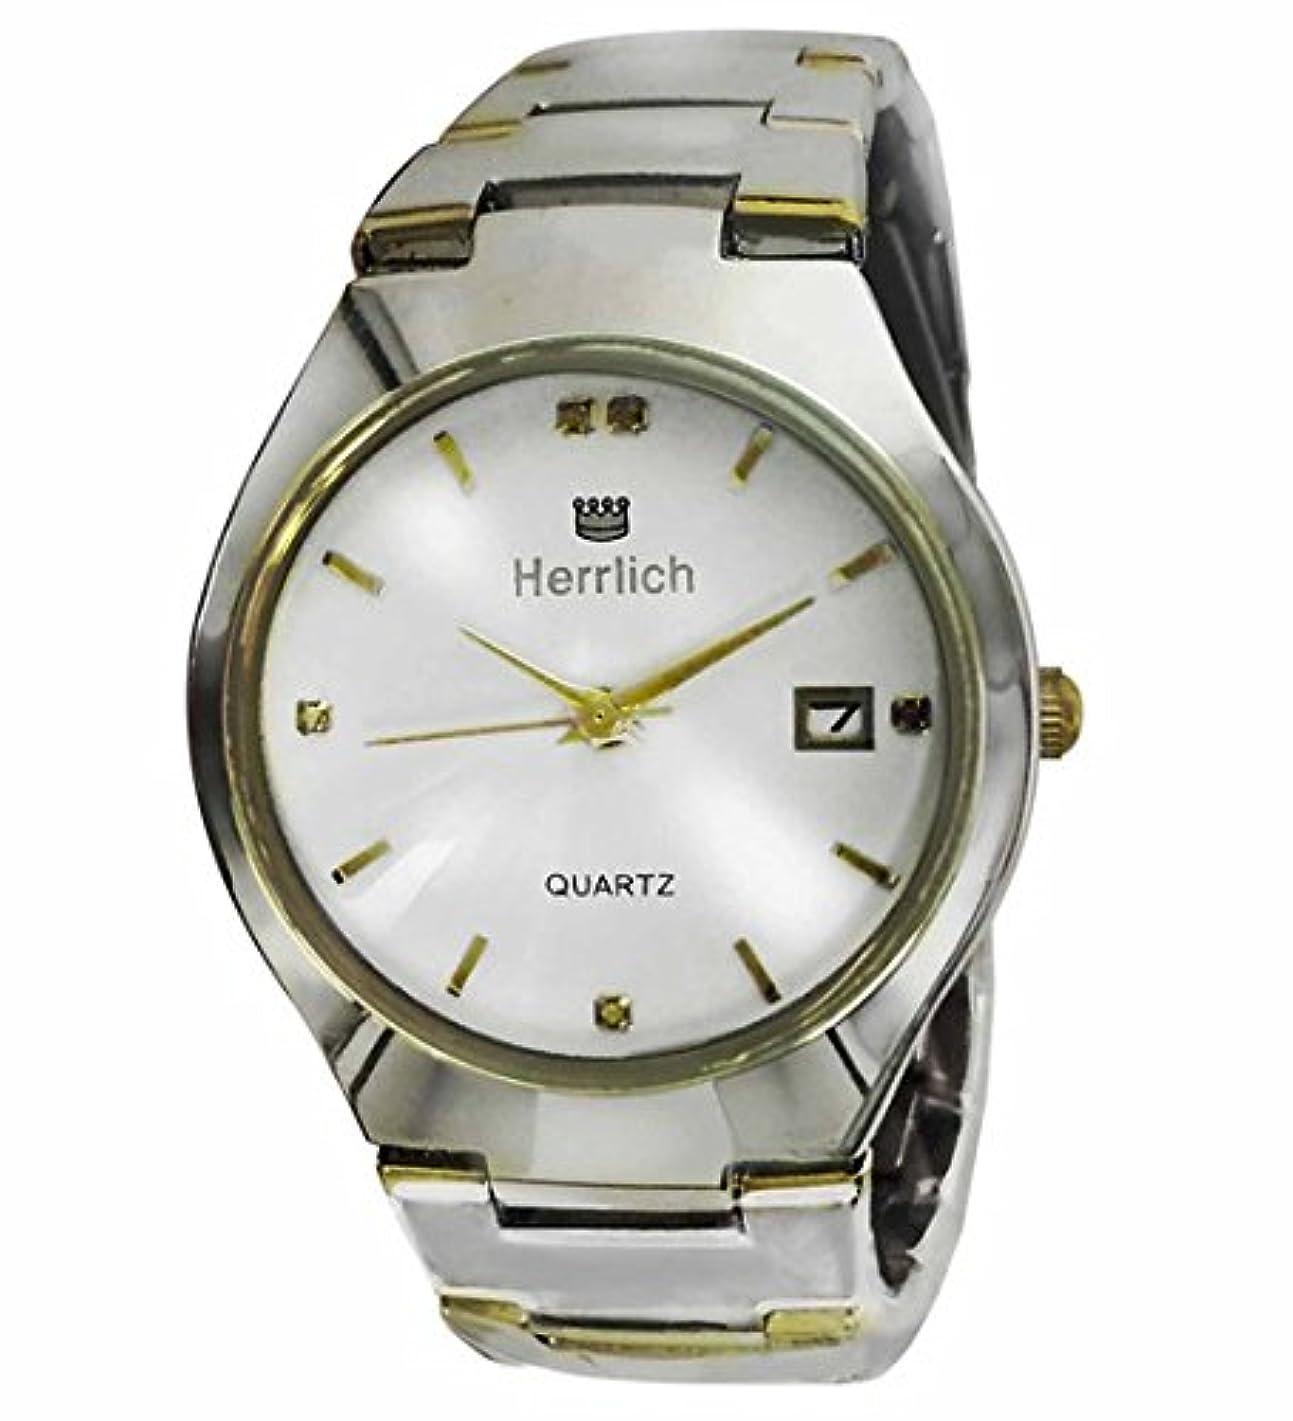 機知に富んだ差別的悲劇Herrlich 天然ダイヤモンド5石使用 ブリリアントカット高級腕時計 ホワイト